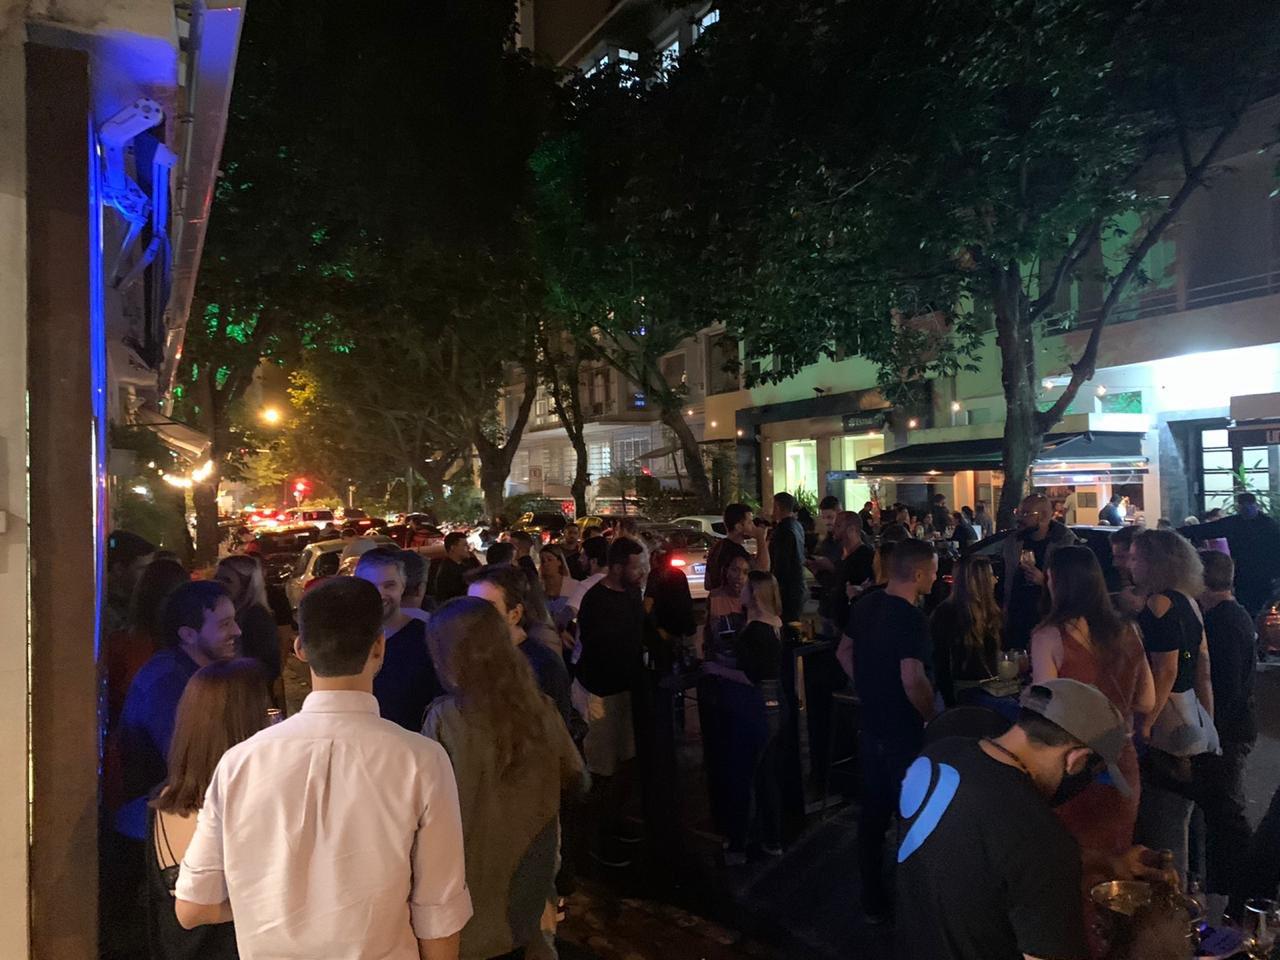 A surrealista aglomeração na Rua Dias Ferreira, no Leblon, ninho dos ricos cariocas. Reprodução do Twitter